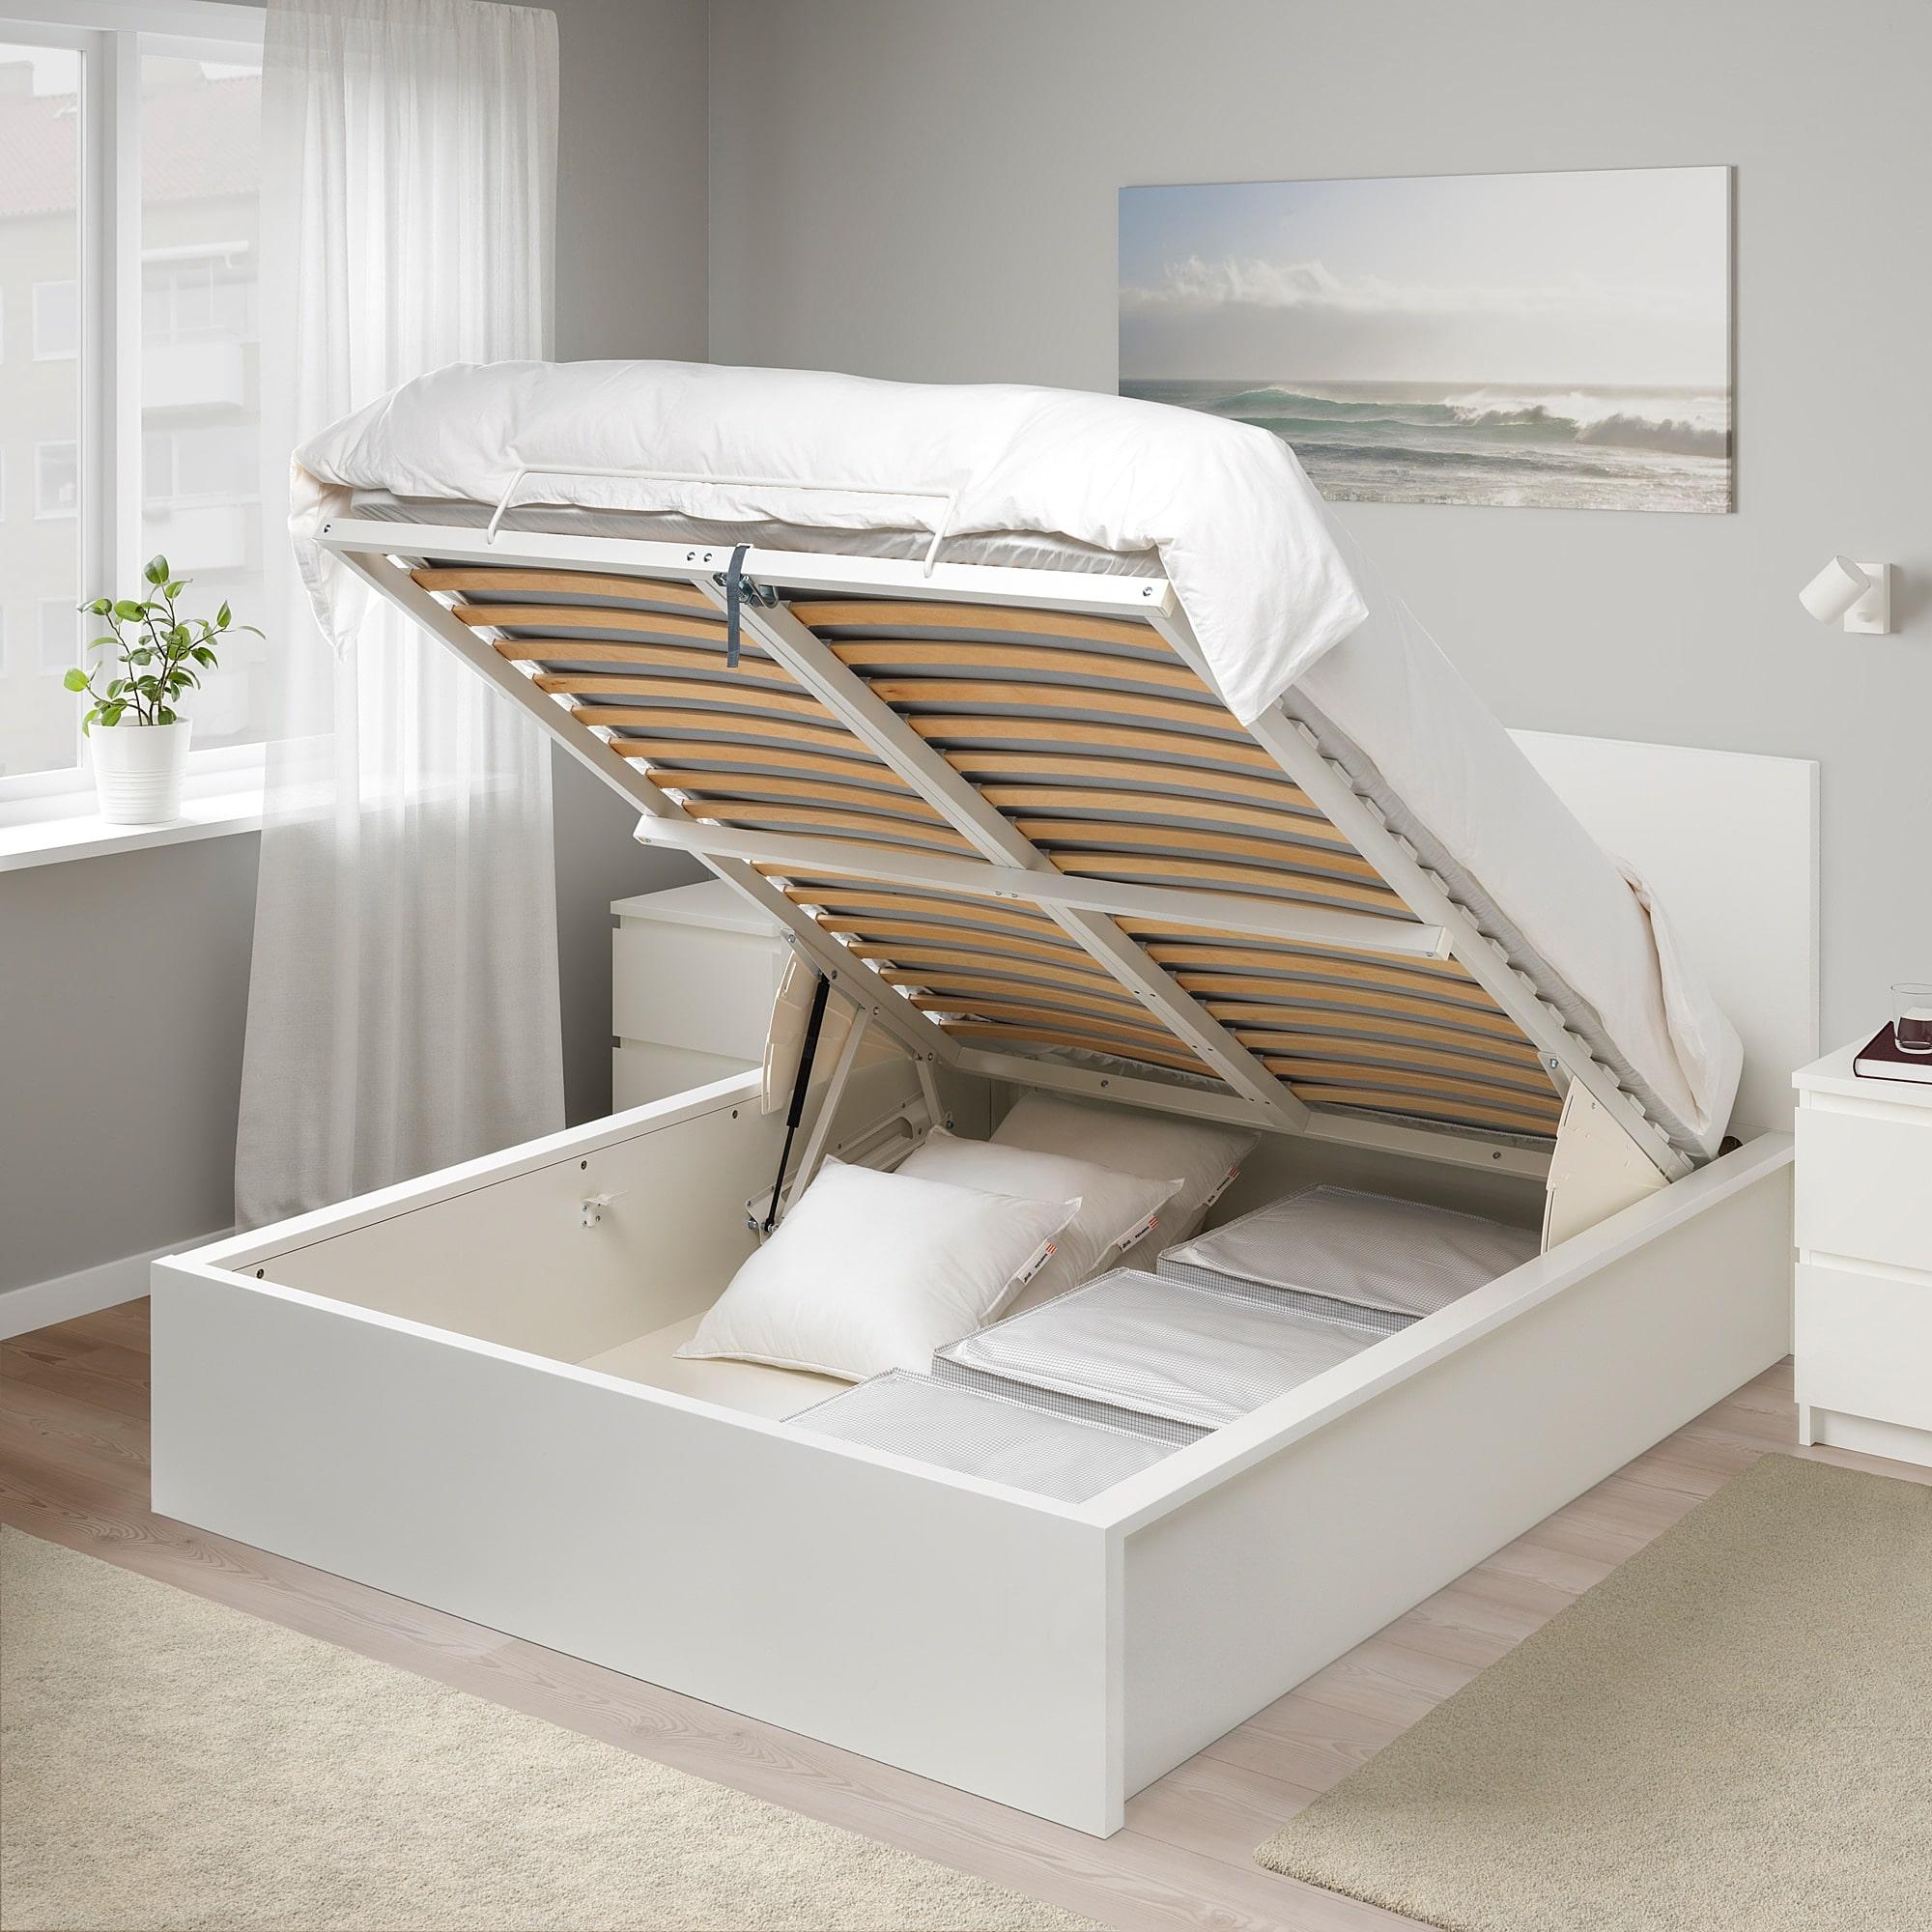 Reti Ikea: come scegliere il modello giusto - Vesto Casa